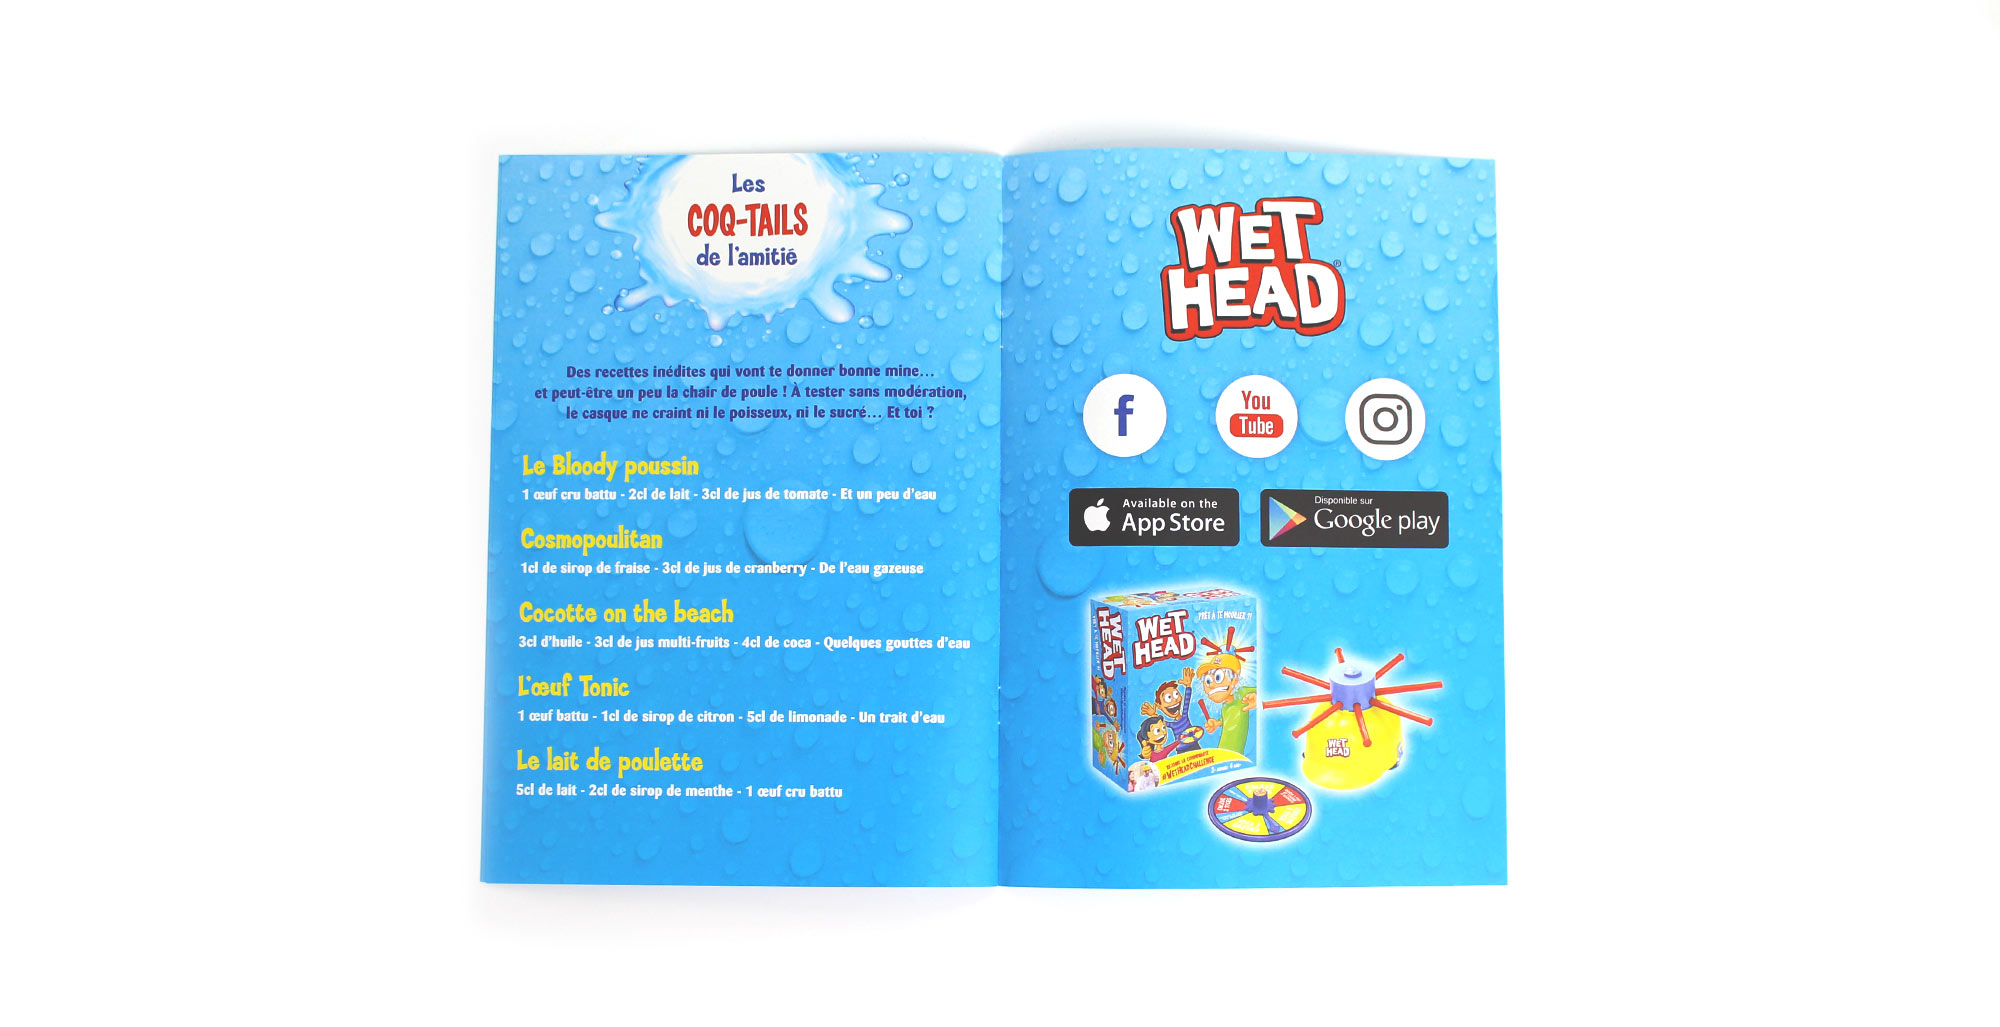 Sharing Agency - Stratégie de communication pour Wet Head Challenge